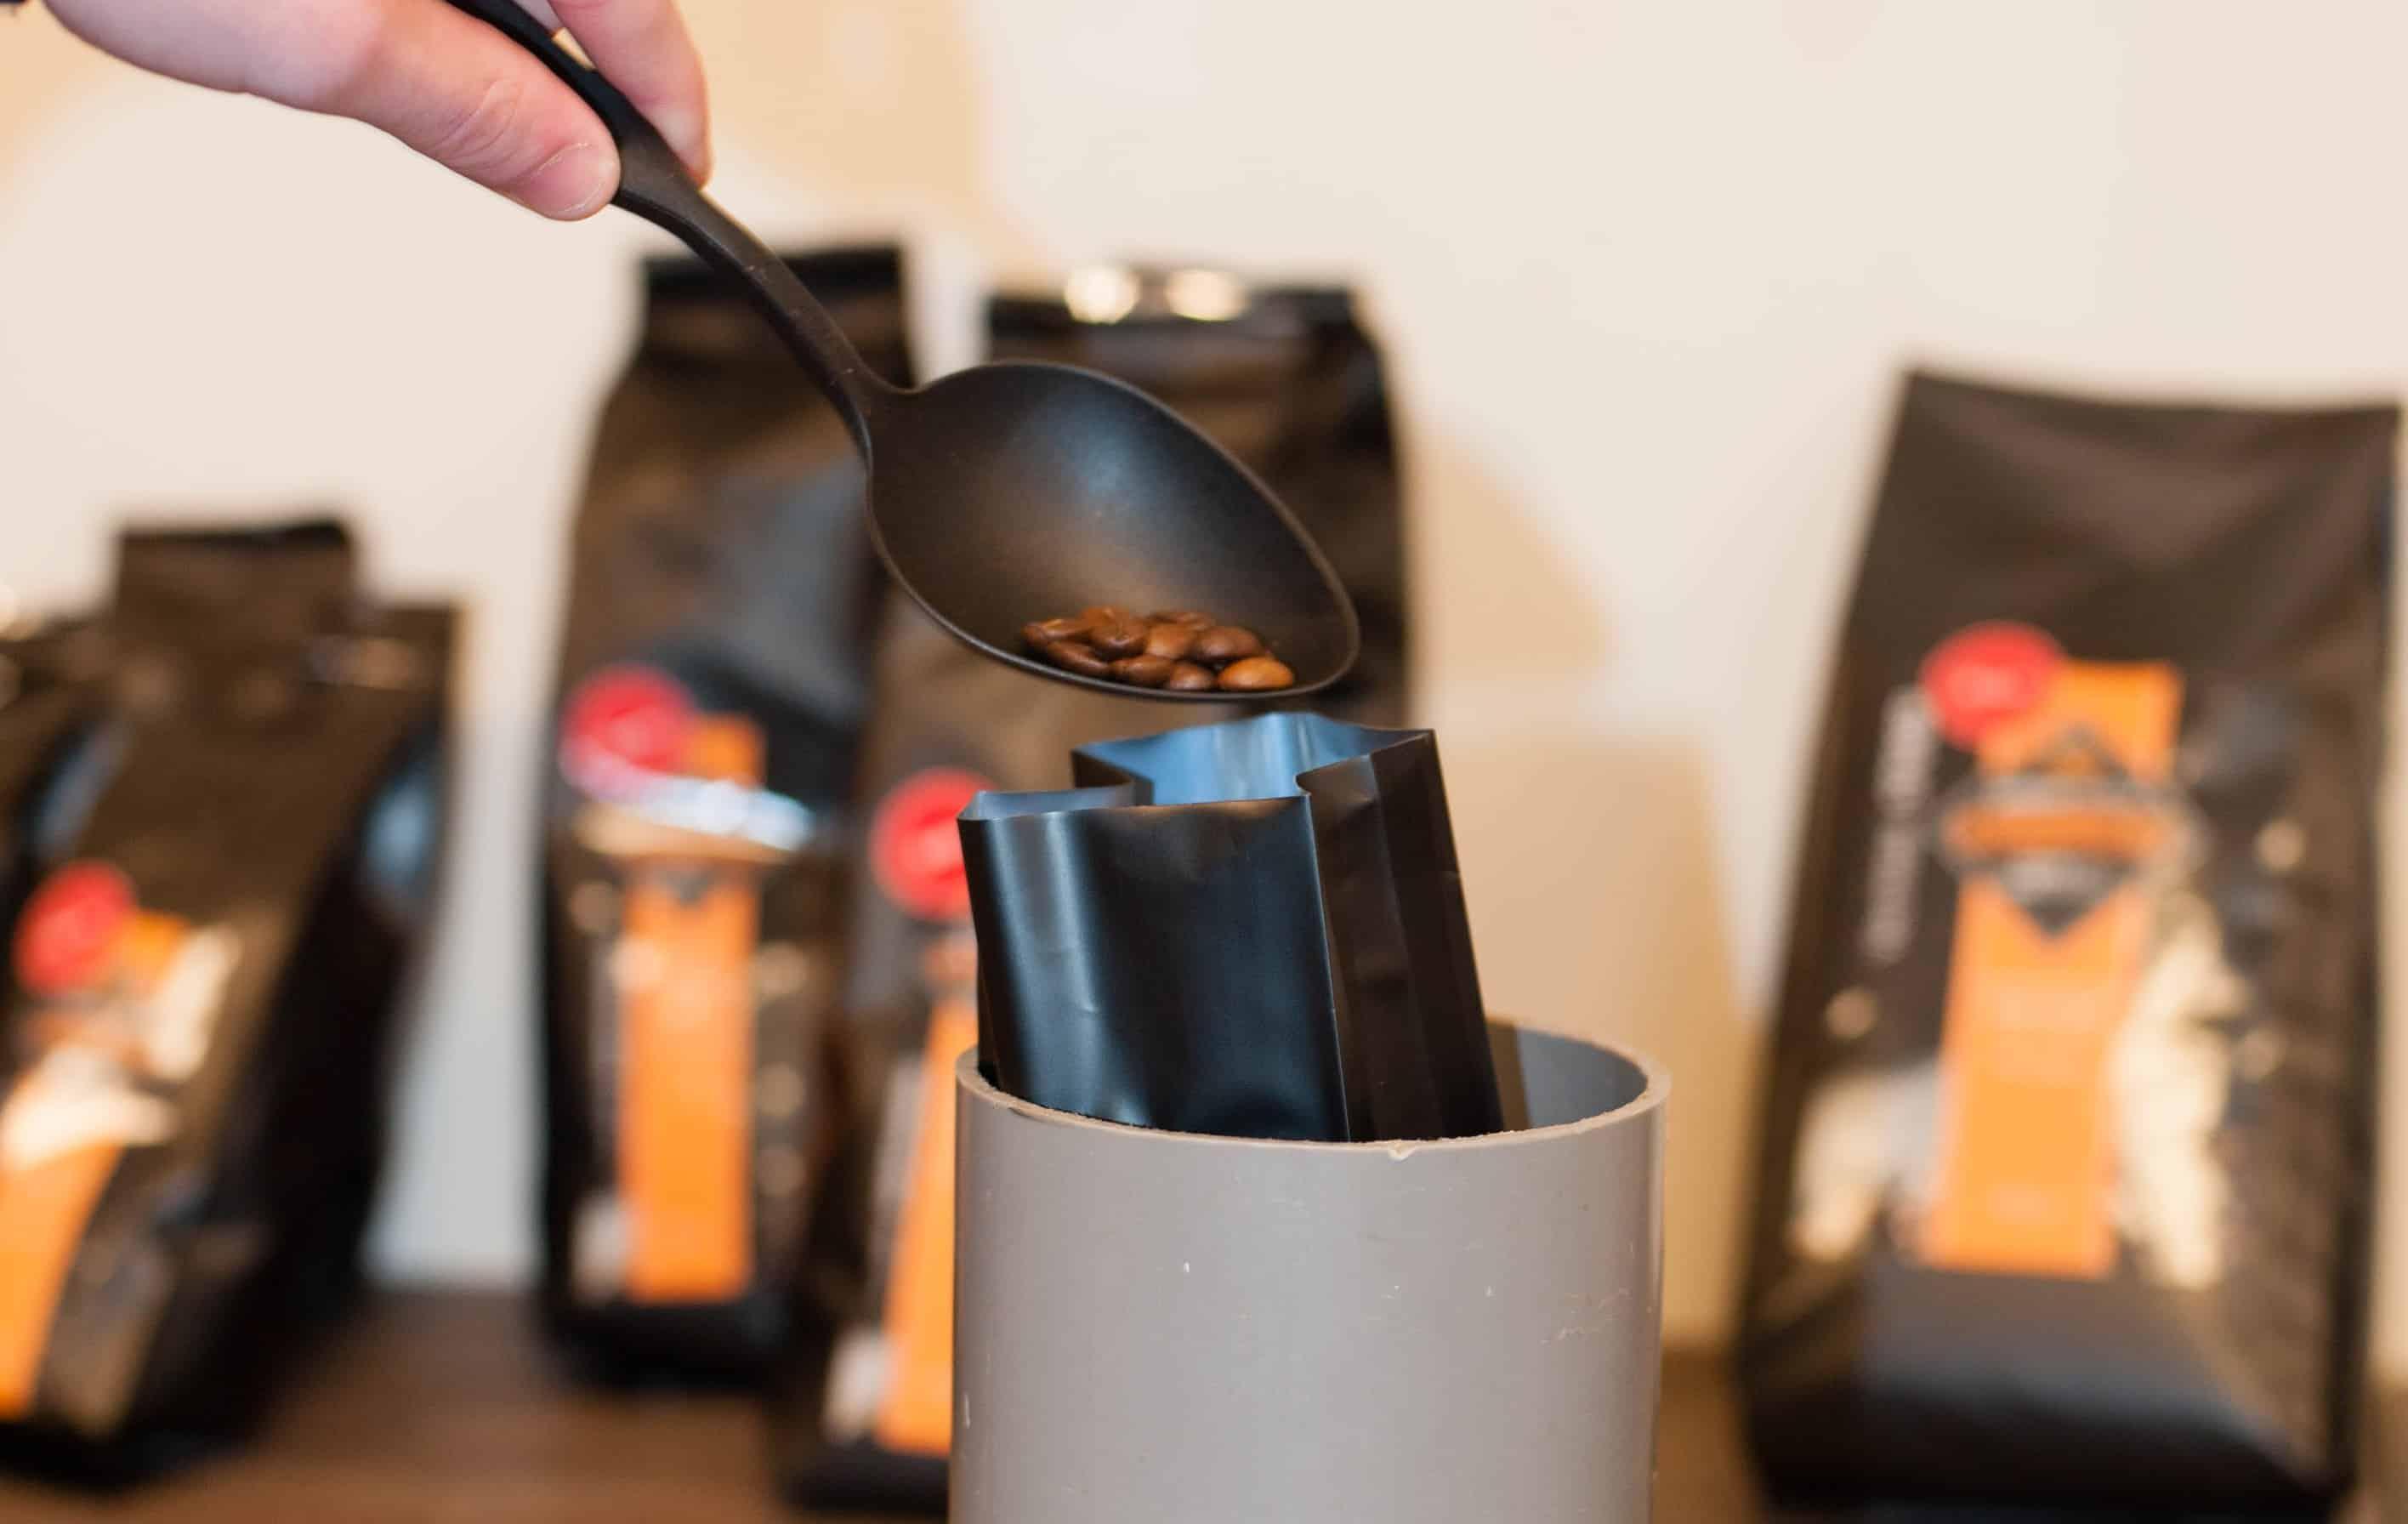 vullen van de koffiezak met koffiebonen